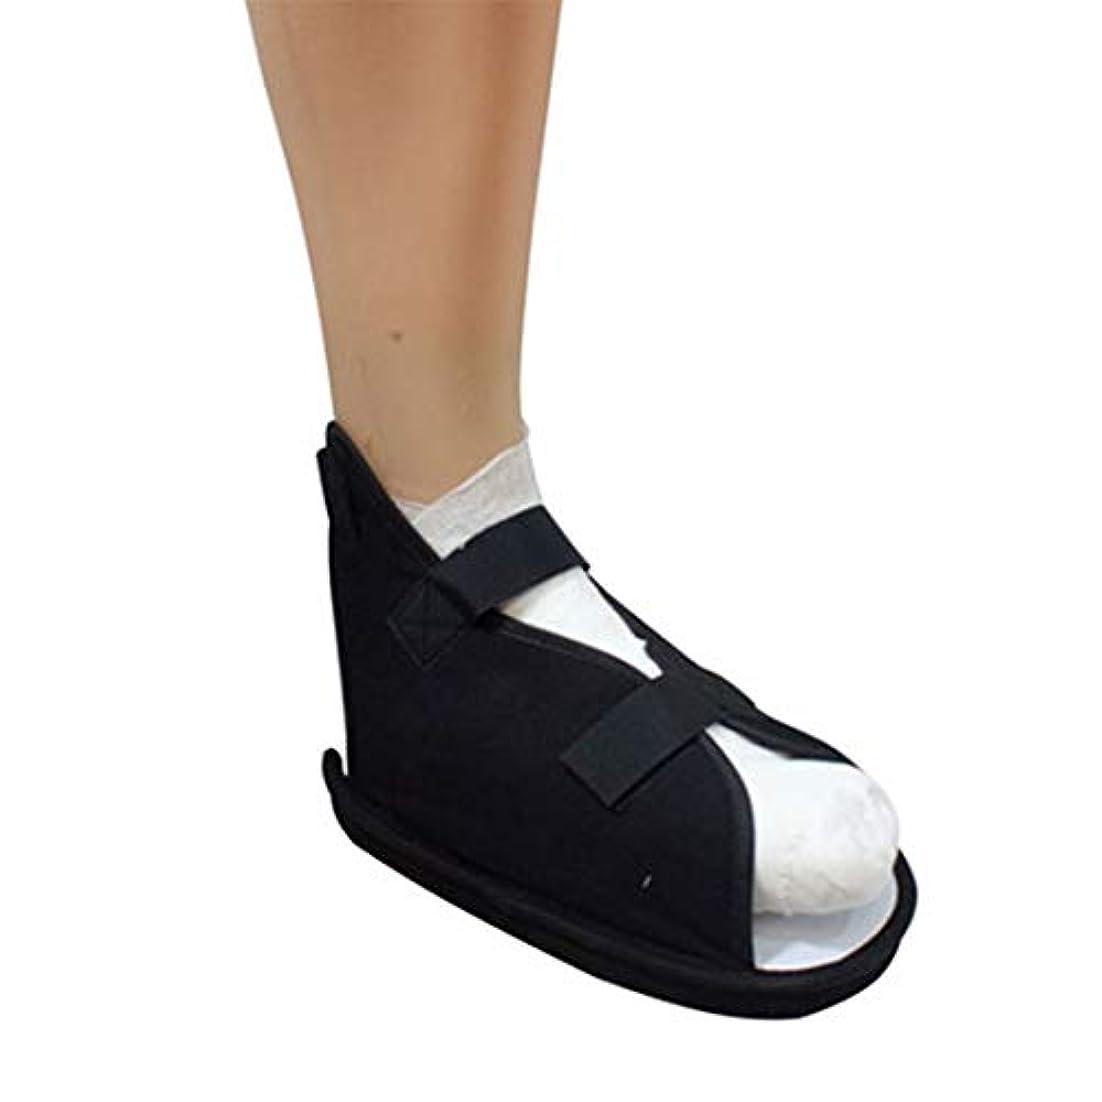 ベーシック盲目バックアップ医療足骨折石膏の回復靴の手術後のつま先の靴を安定化骨折の靴を調整可能なファスナーで完全なカバー,L30cm